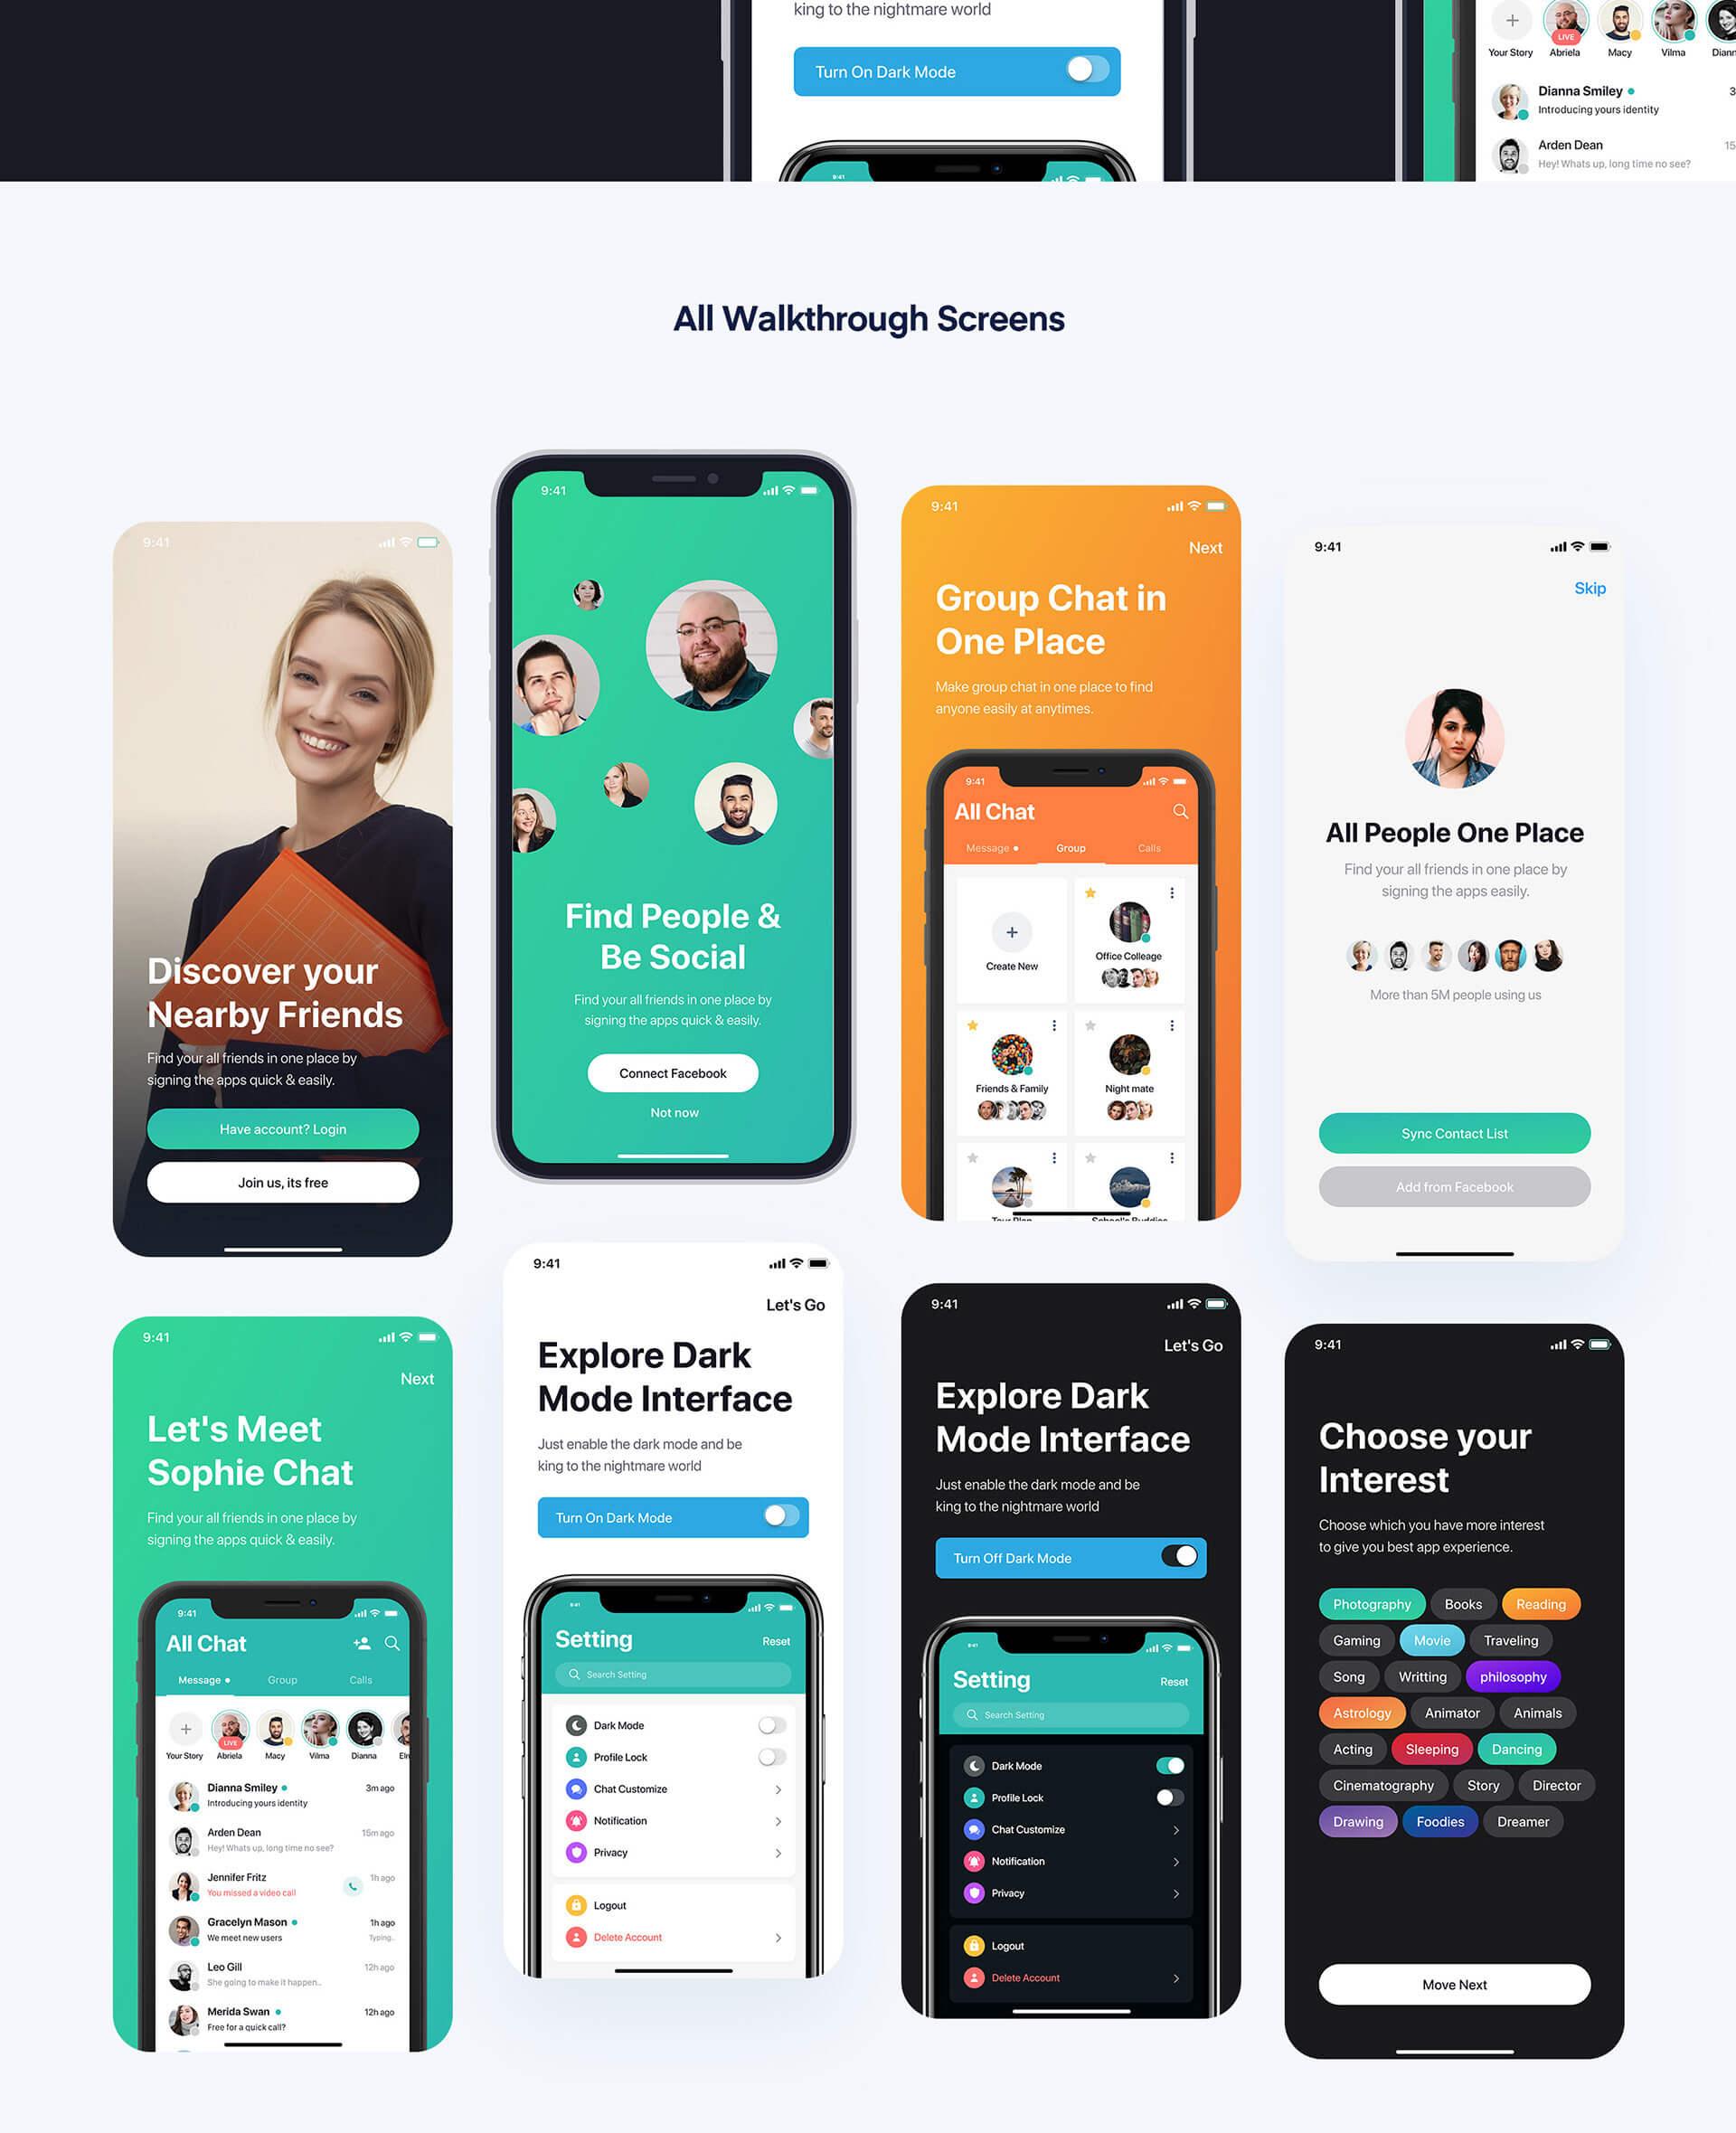 Sophie Messaging app ui kit presentation image